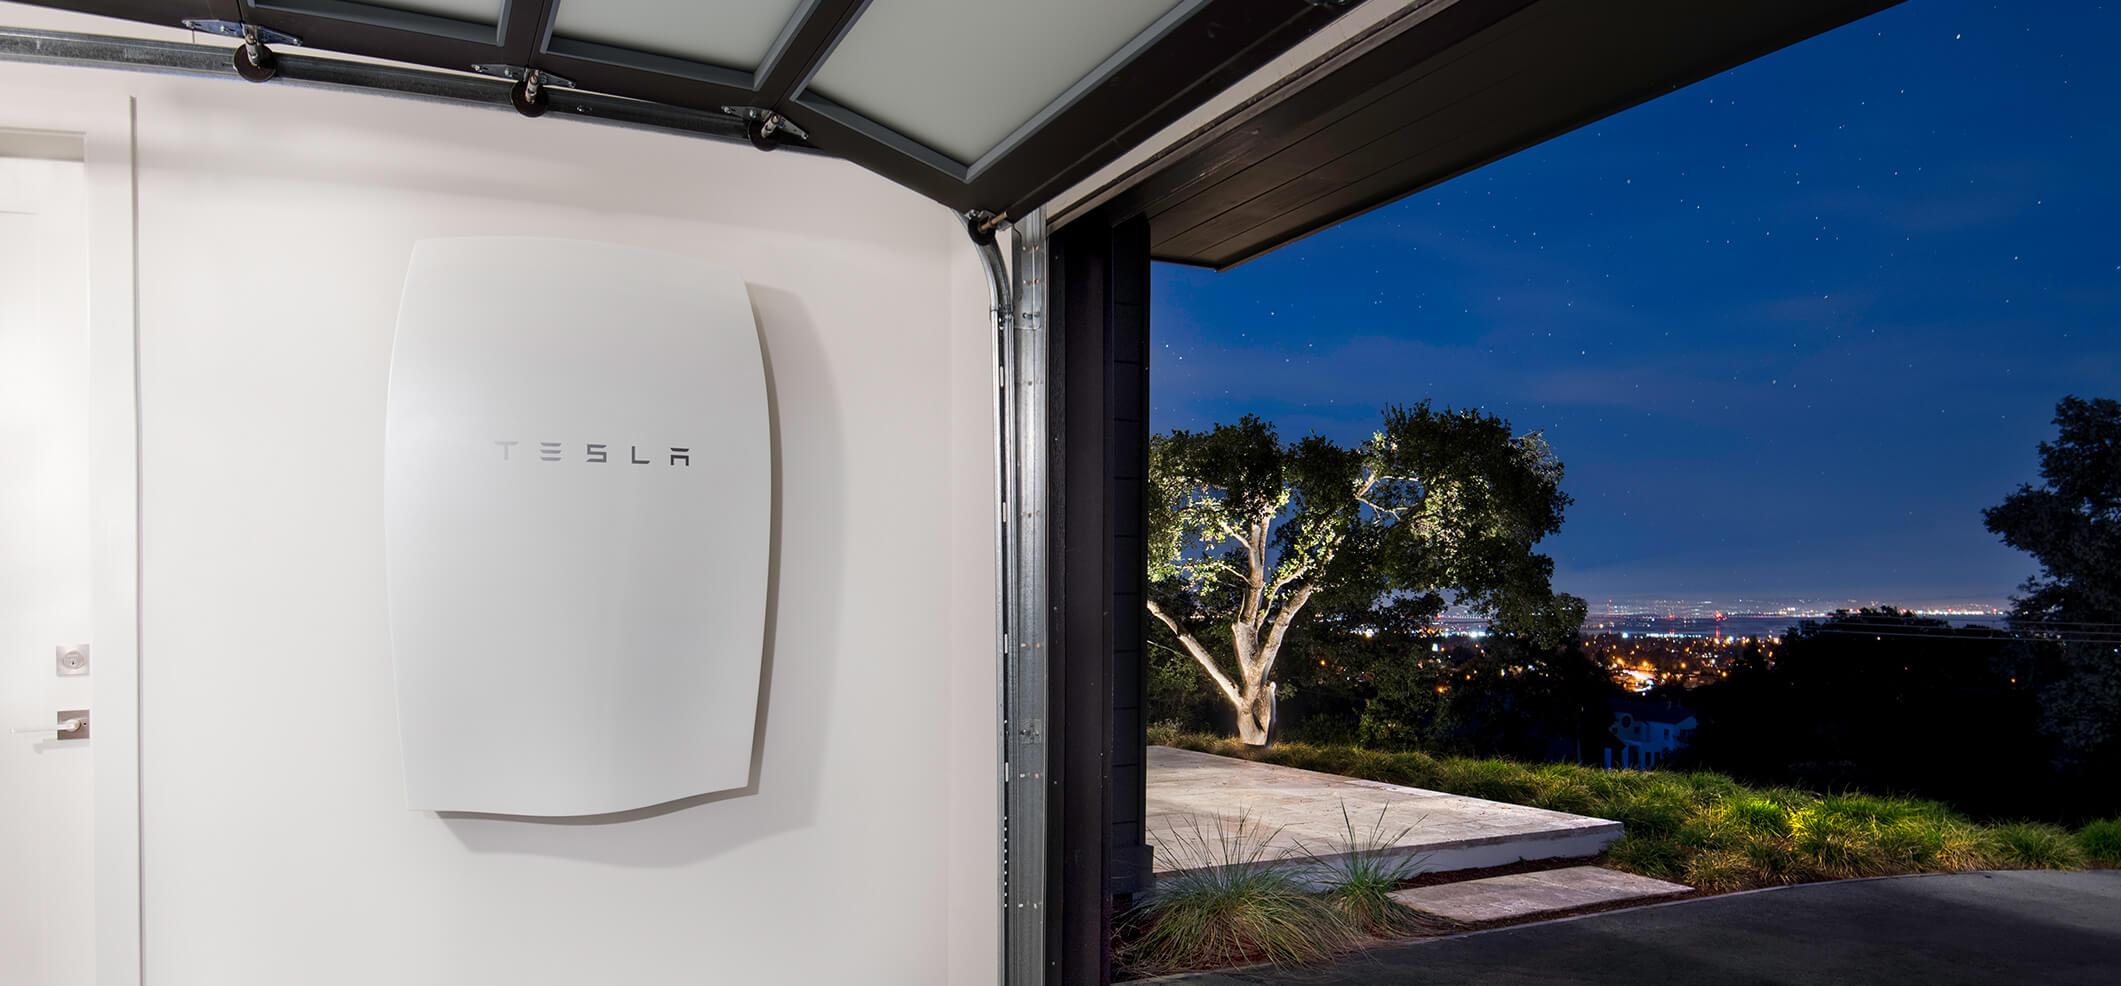 Tesla : un partenariat avec Samsung pour ses batteries ?